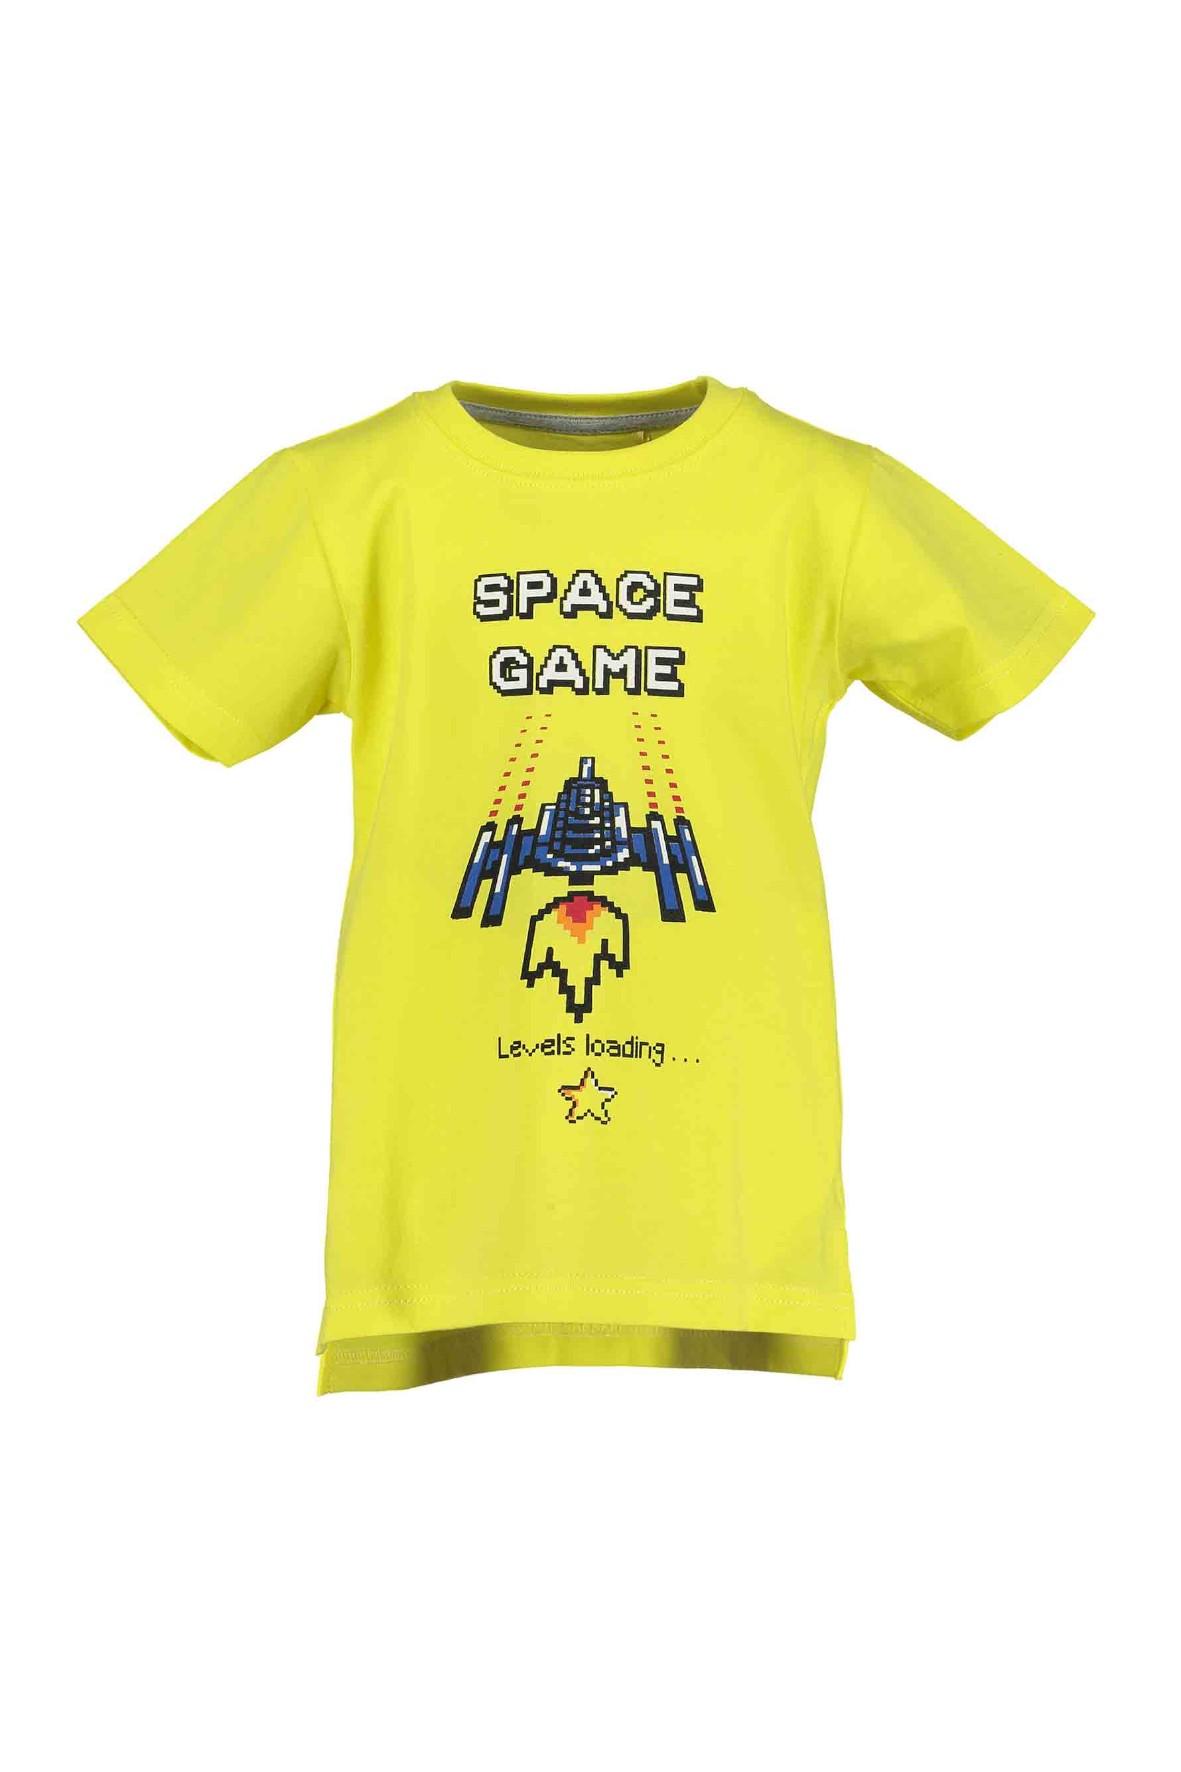 T-Shirt chłopięcy limonkowy z nadrukiem Space game